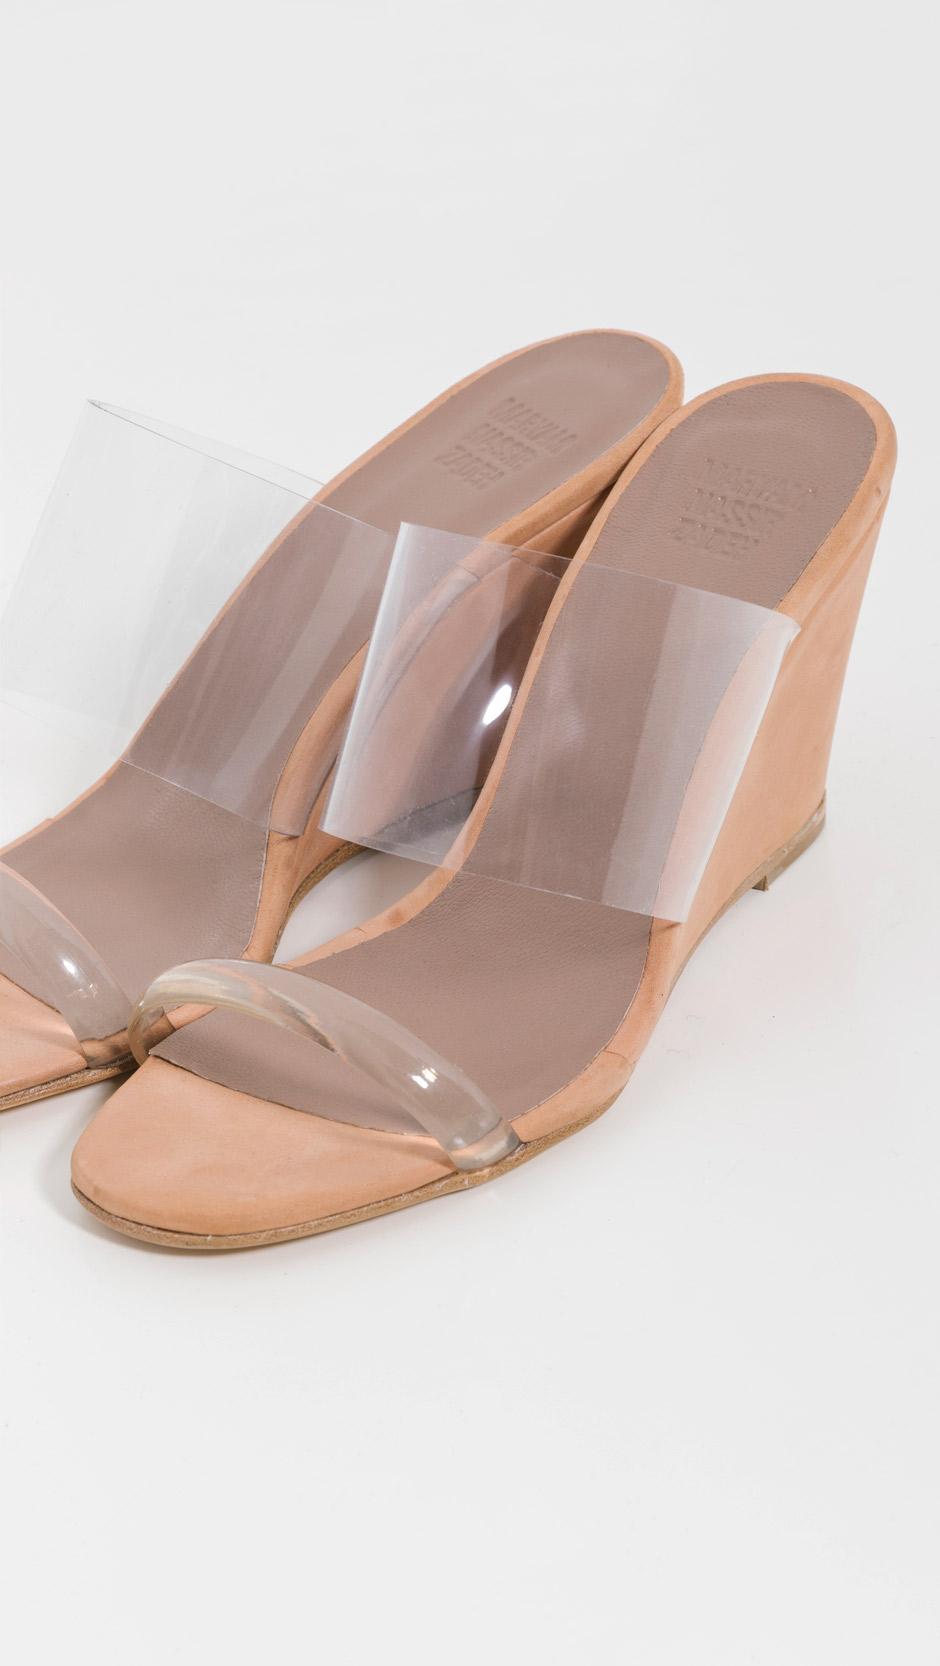 Maryam Nassir Zadeh Shoes Sizing